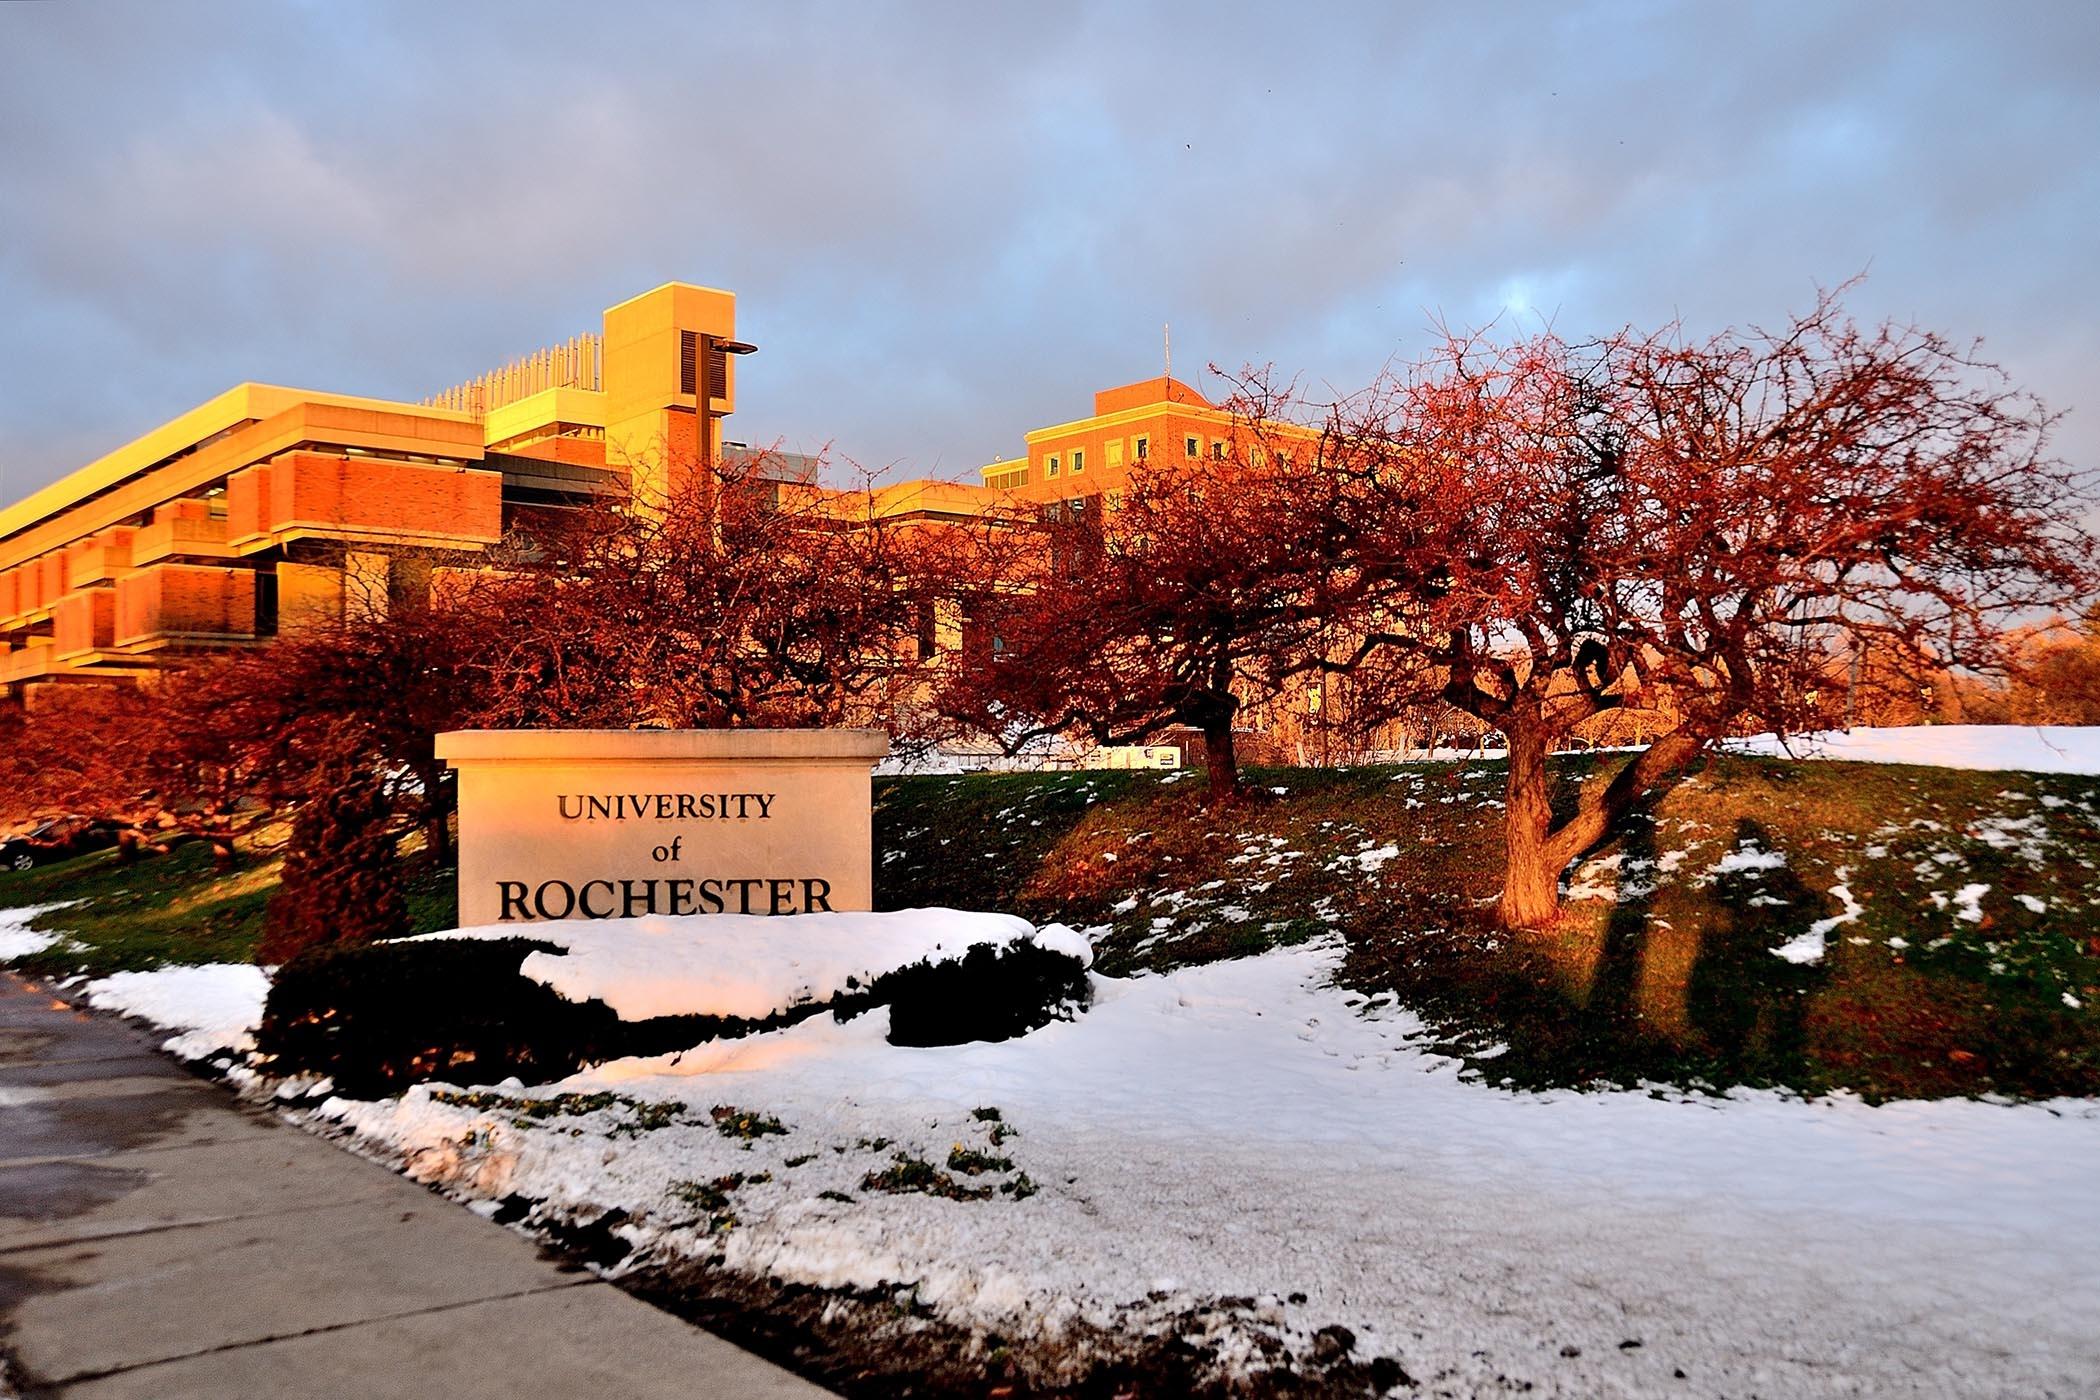 UR羅徹斯特大學 - 音樂學院全美頂尖的東北私立名校